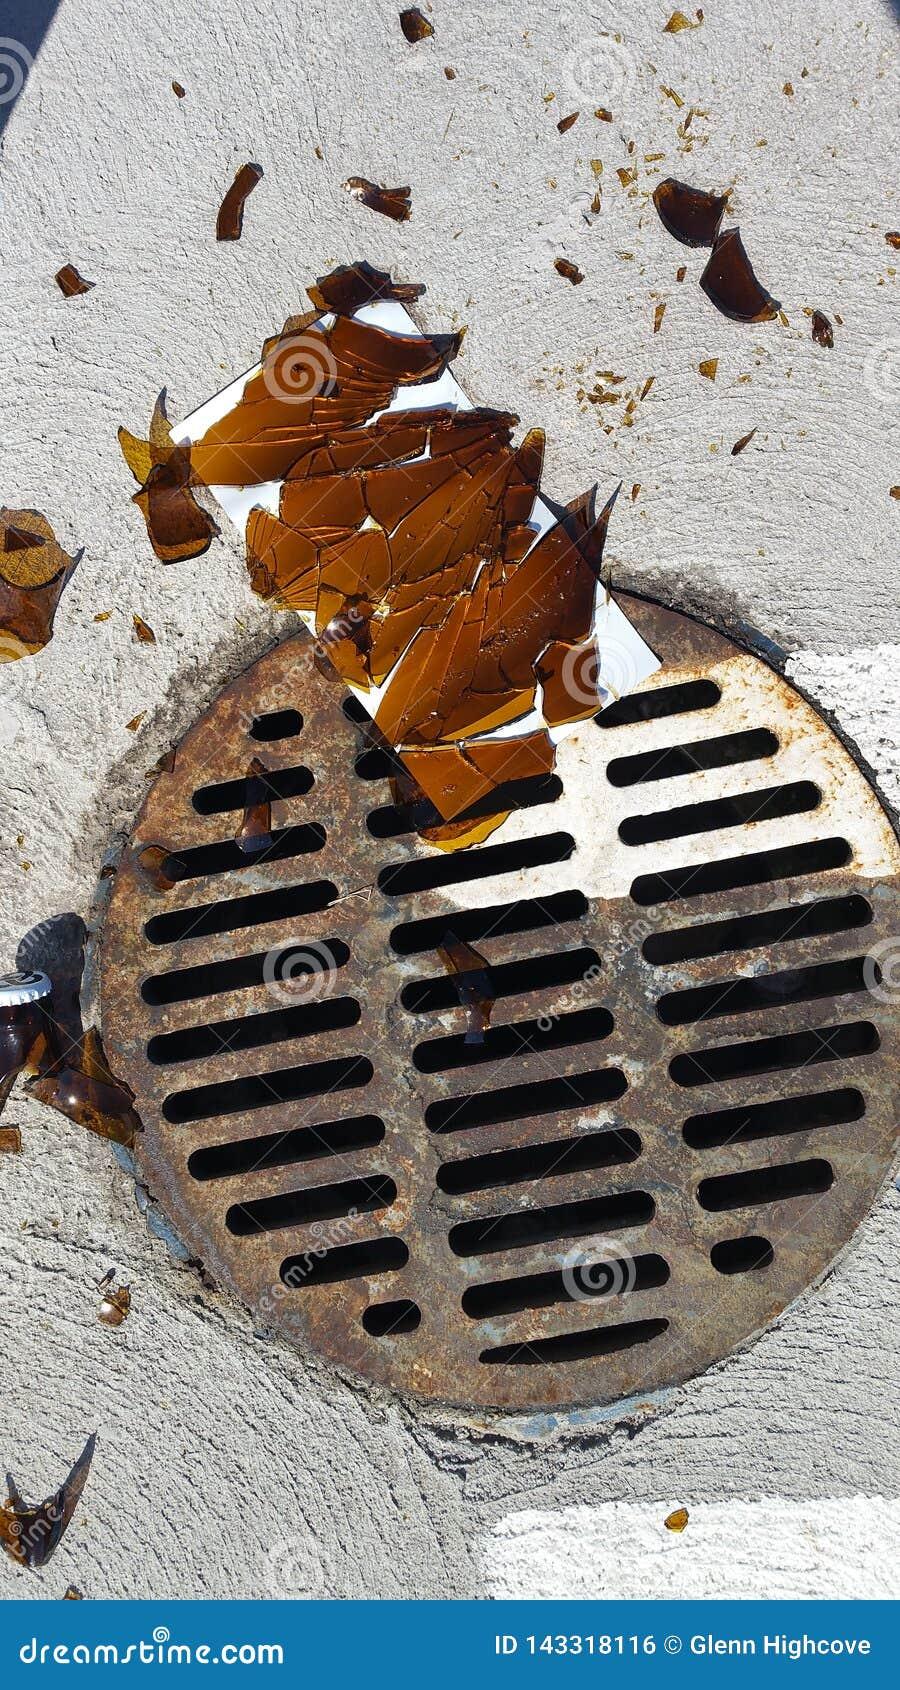 Sharp broken bottle glass by rusty storm drain in parking lot